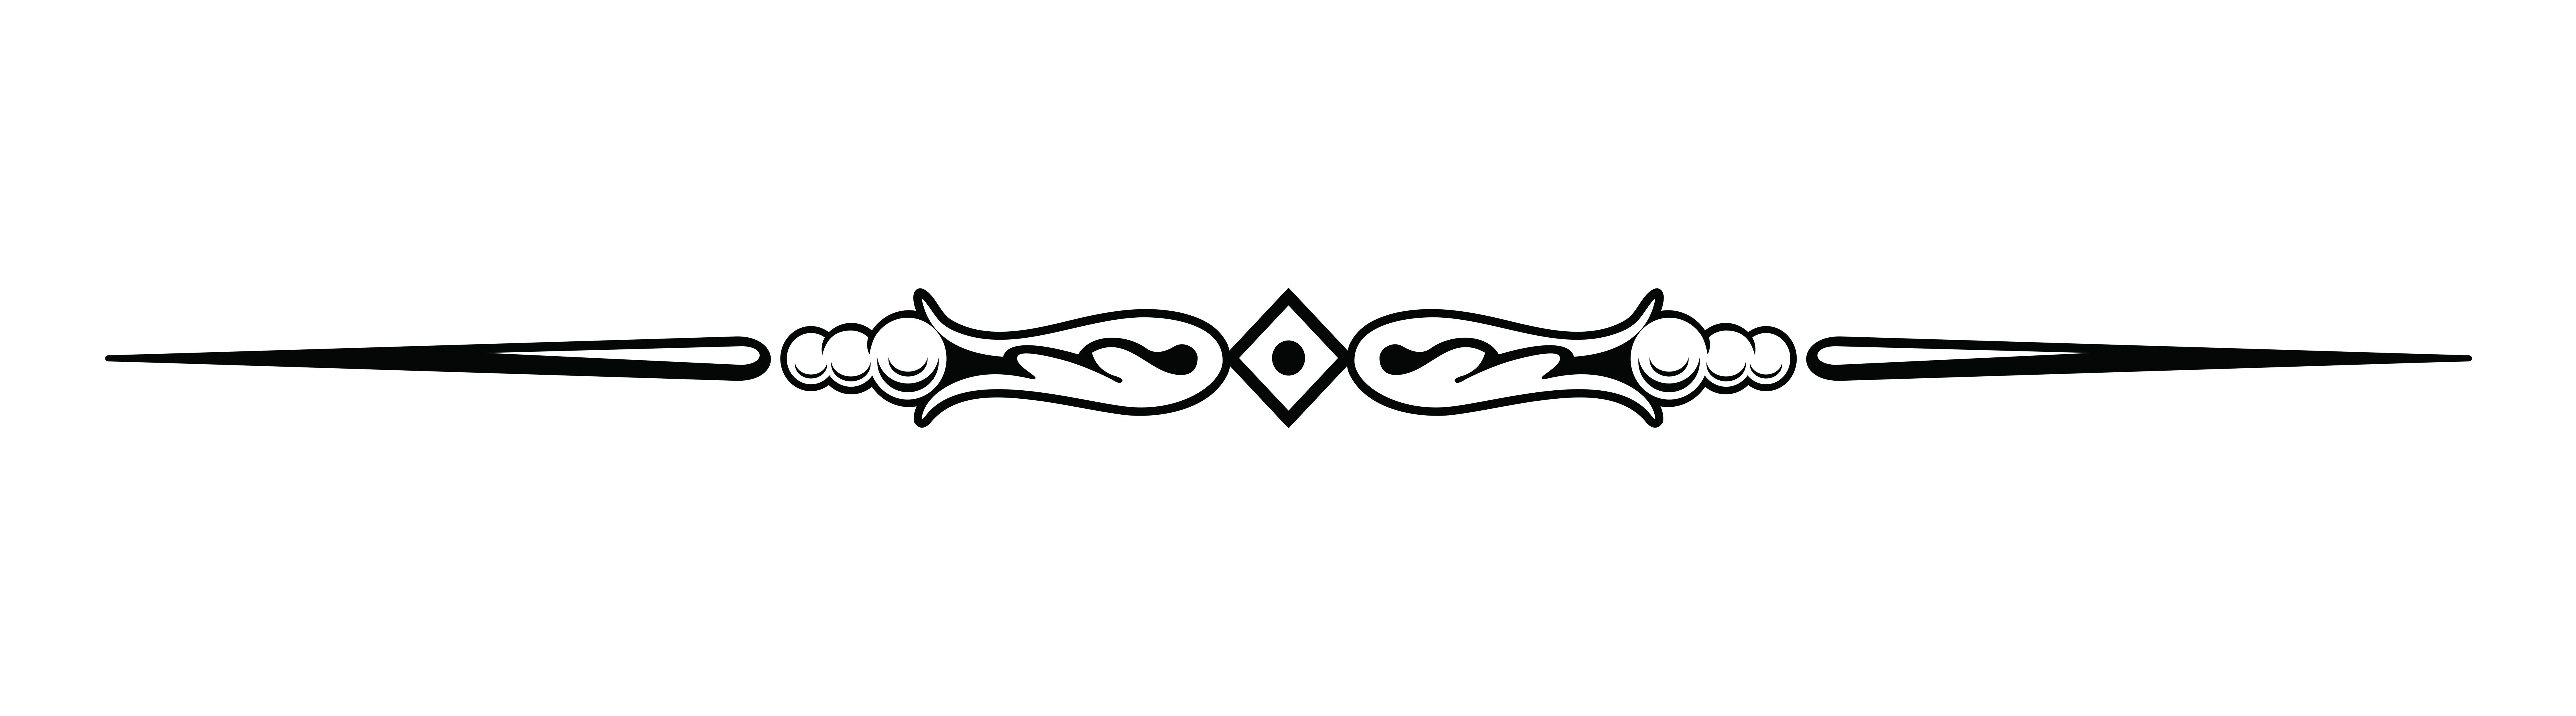 Fancy Vector Lines Fancy Divider Line - PNG Page Divider